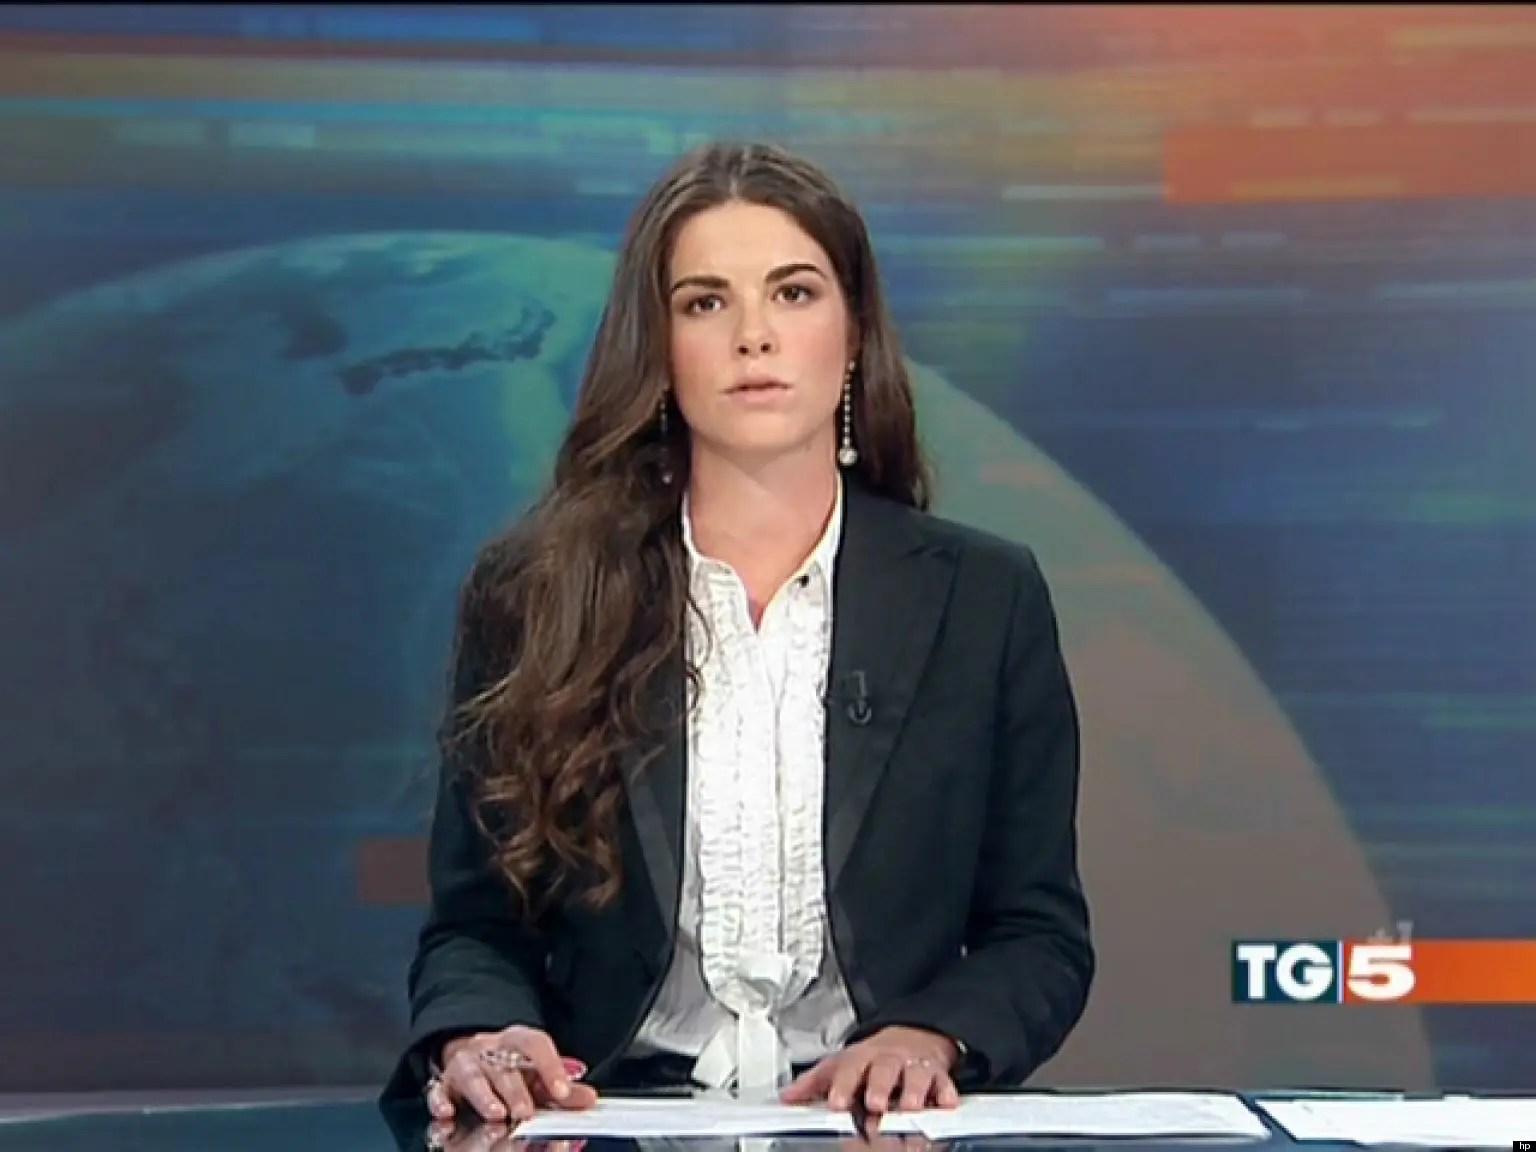 DescuidoEsta Periodista Tremendo Italiana Tremendo Italiana Tremendo DescuidoEsta Periodista Italiana Mostró Periodista Mostró DescuidoEsta wN8nv0OymP